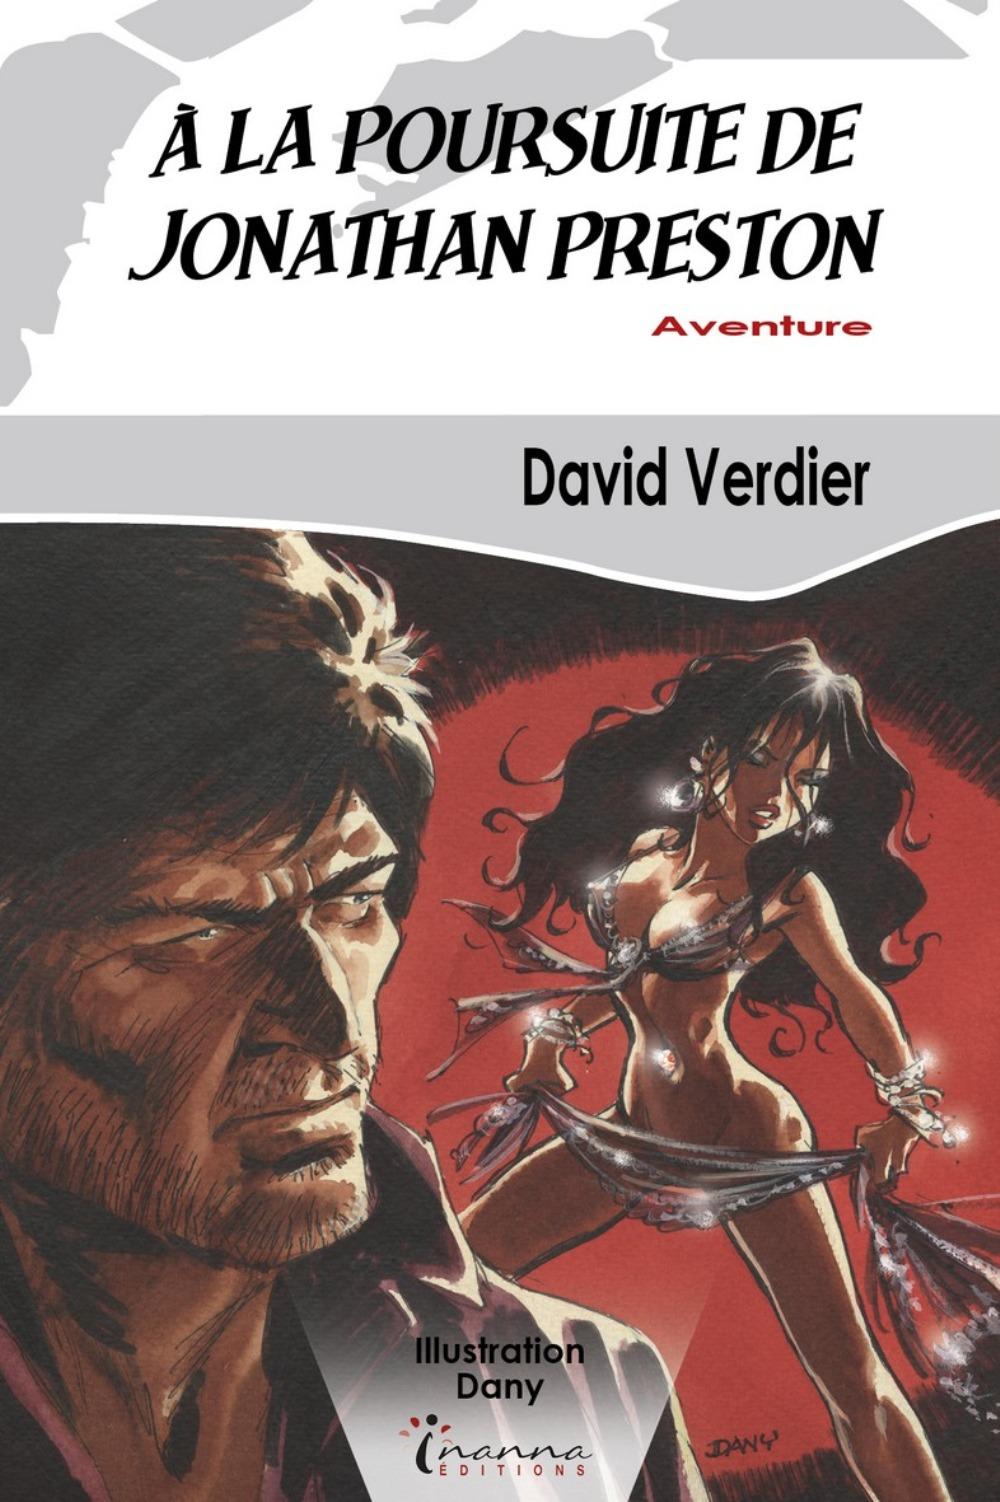 A LA POURSUITE DE JONATHAN PRESTON